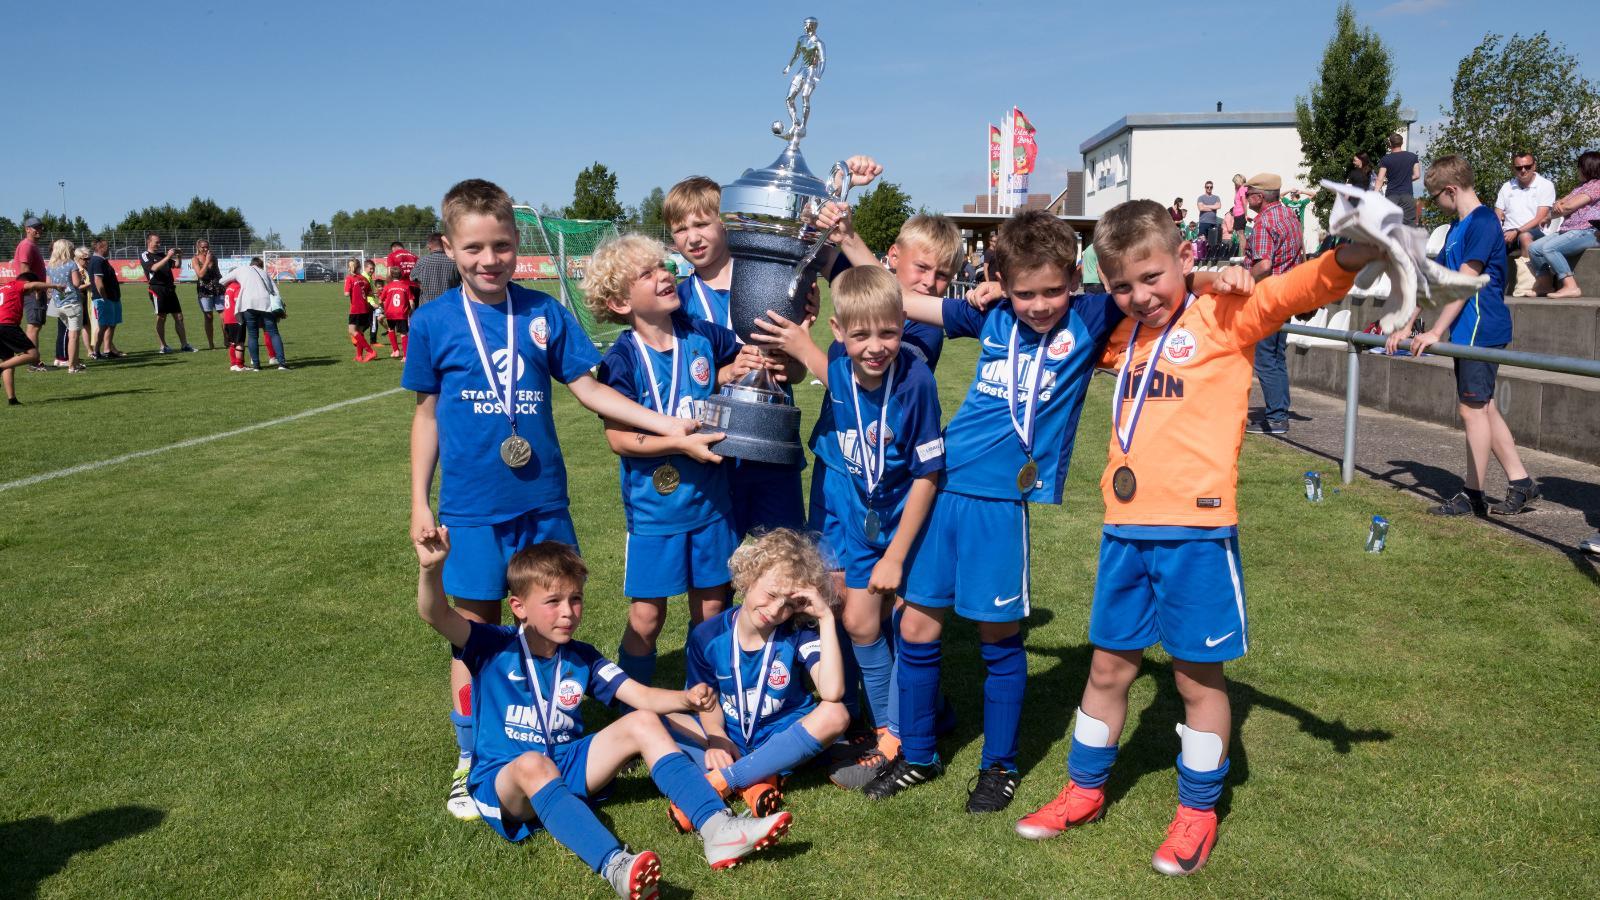 Die jungen Kicker zeigen Teamgeist beim Fußballpokal. So konnte sich die U9 von Hansa in diesem Jahr die begehrte Trophäe sichern. Foto: Margit Wild